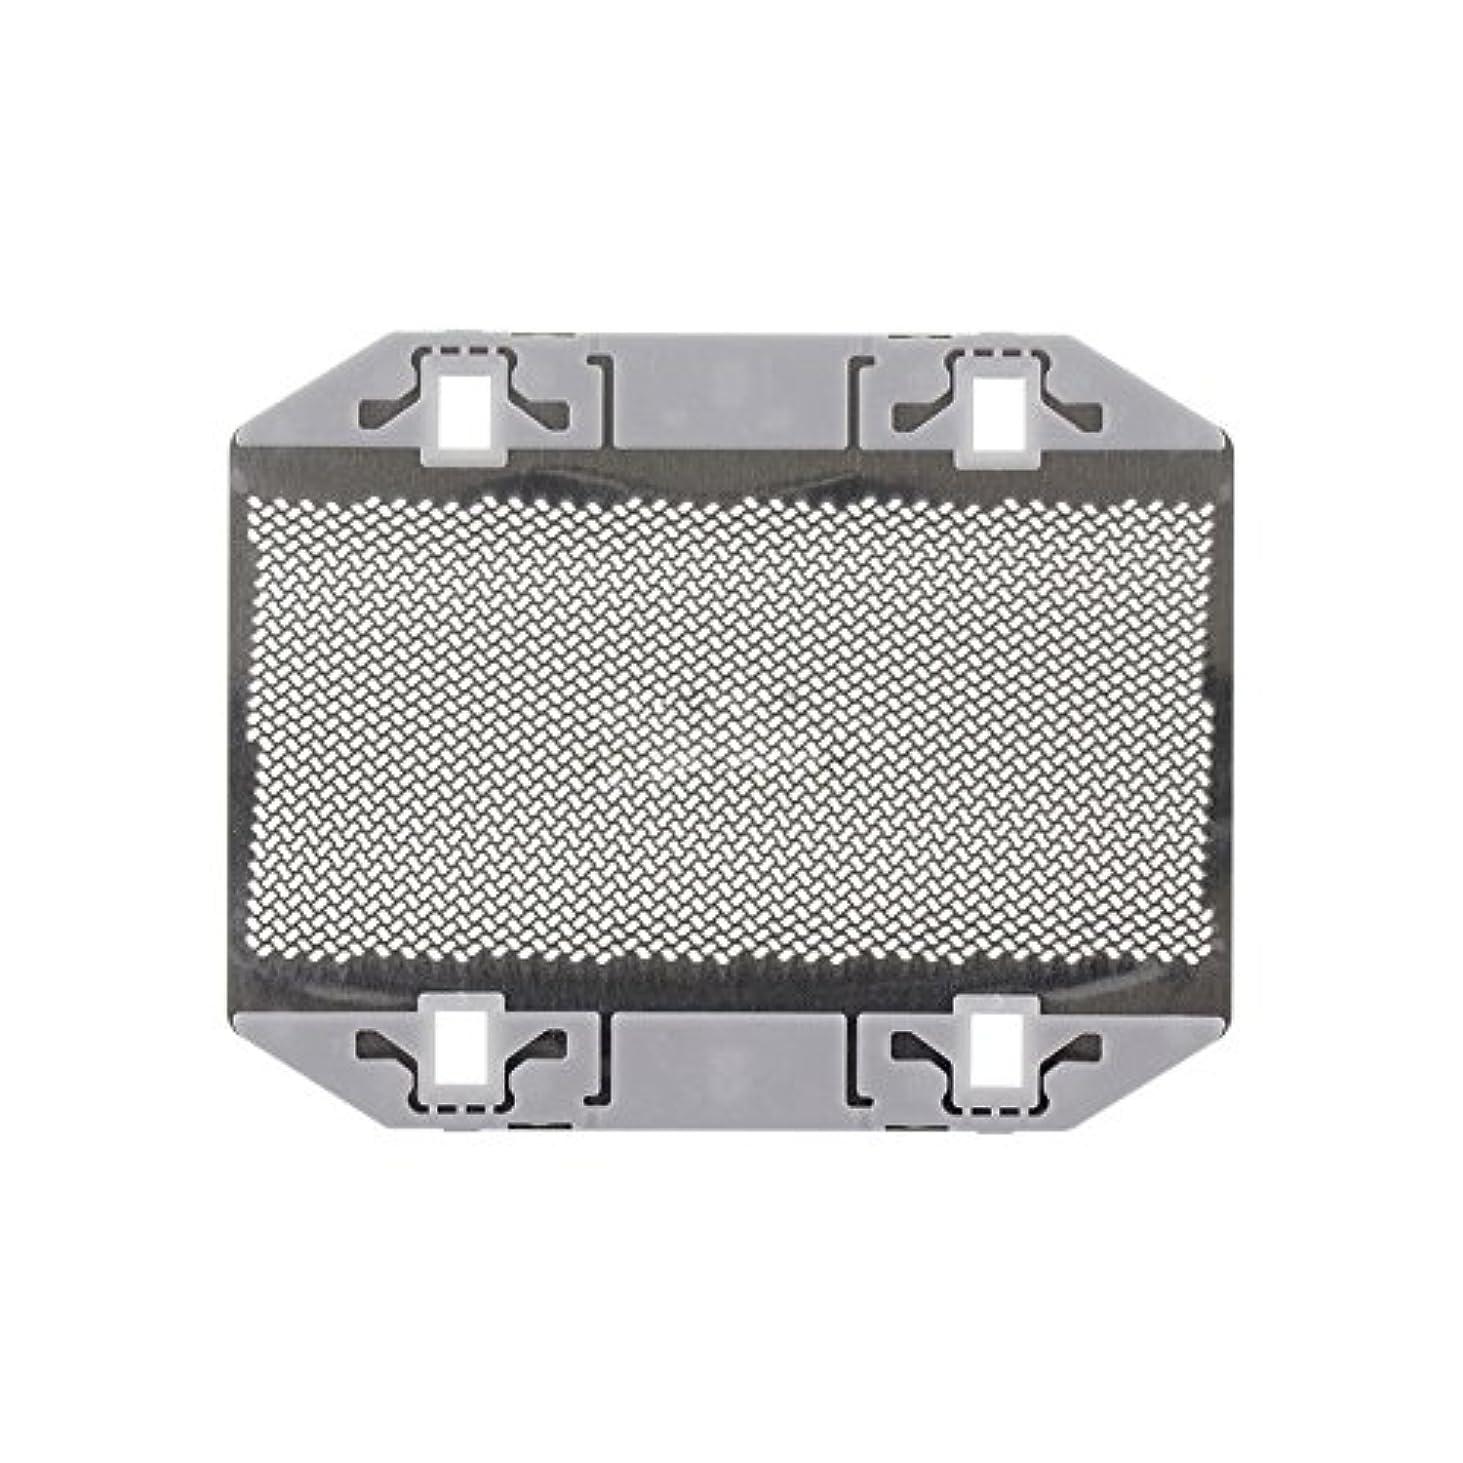 必要性批判肺Janjunsi 回転式シェーバー シェーバーパーツ シェーバー 交換用 替刃 外刃 耐用 for Panasonic ES9943 ES3042 ES3801 ES3750 ES365 ES366